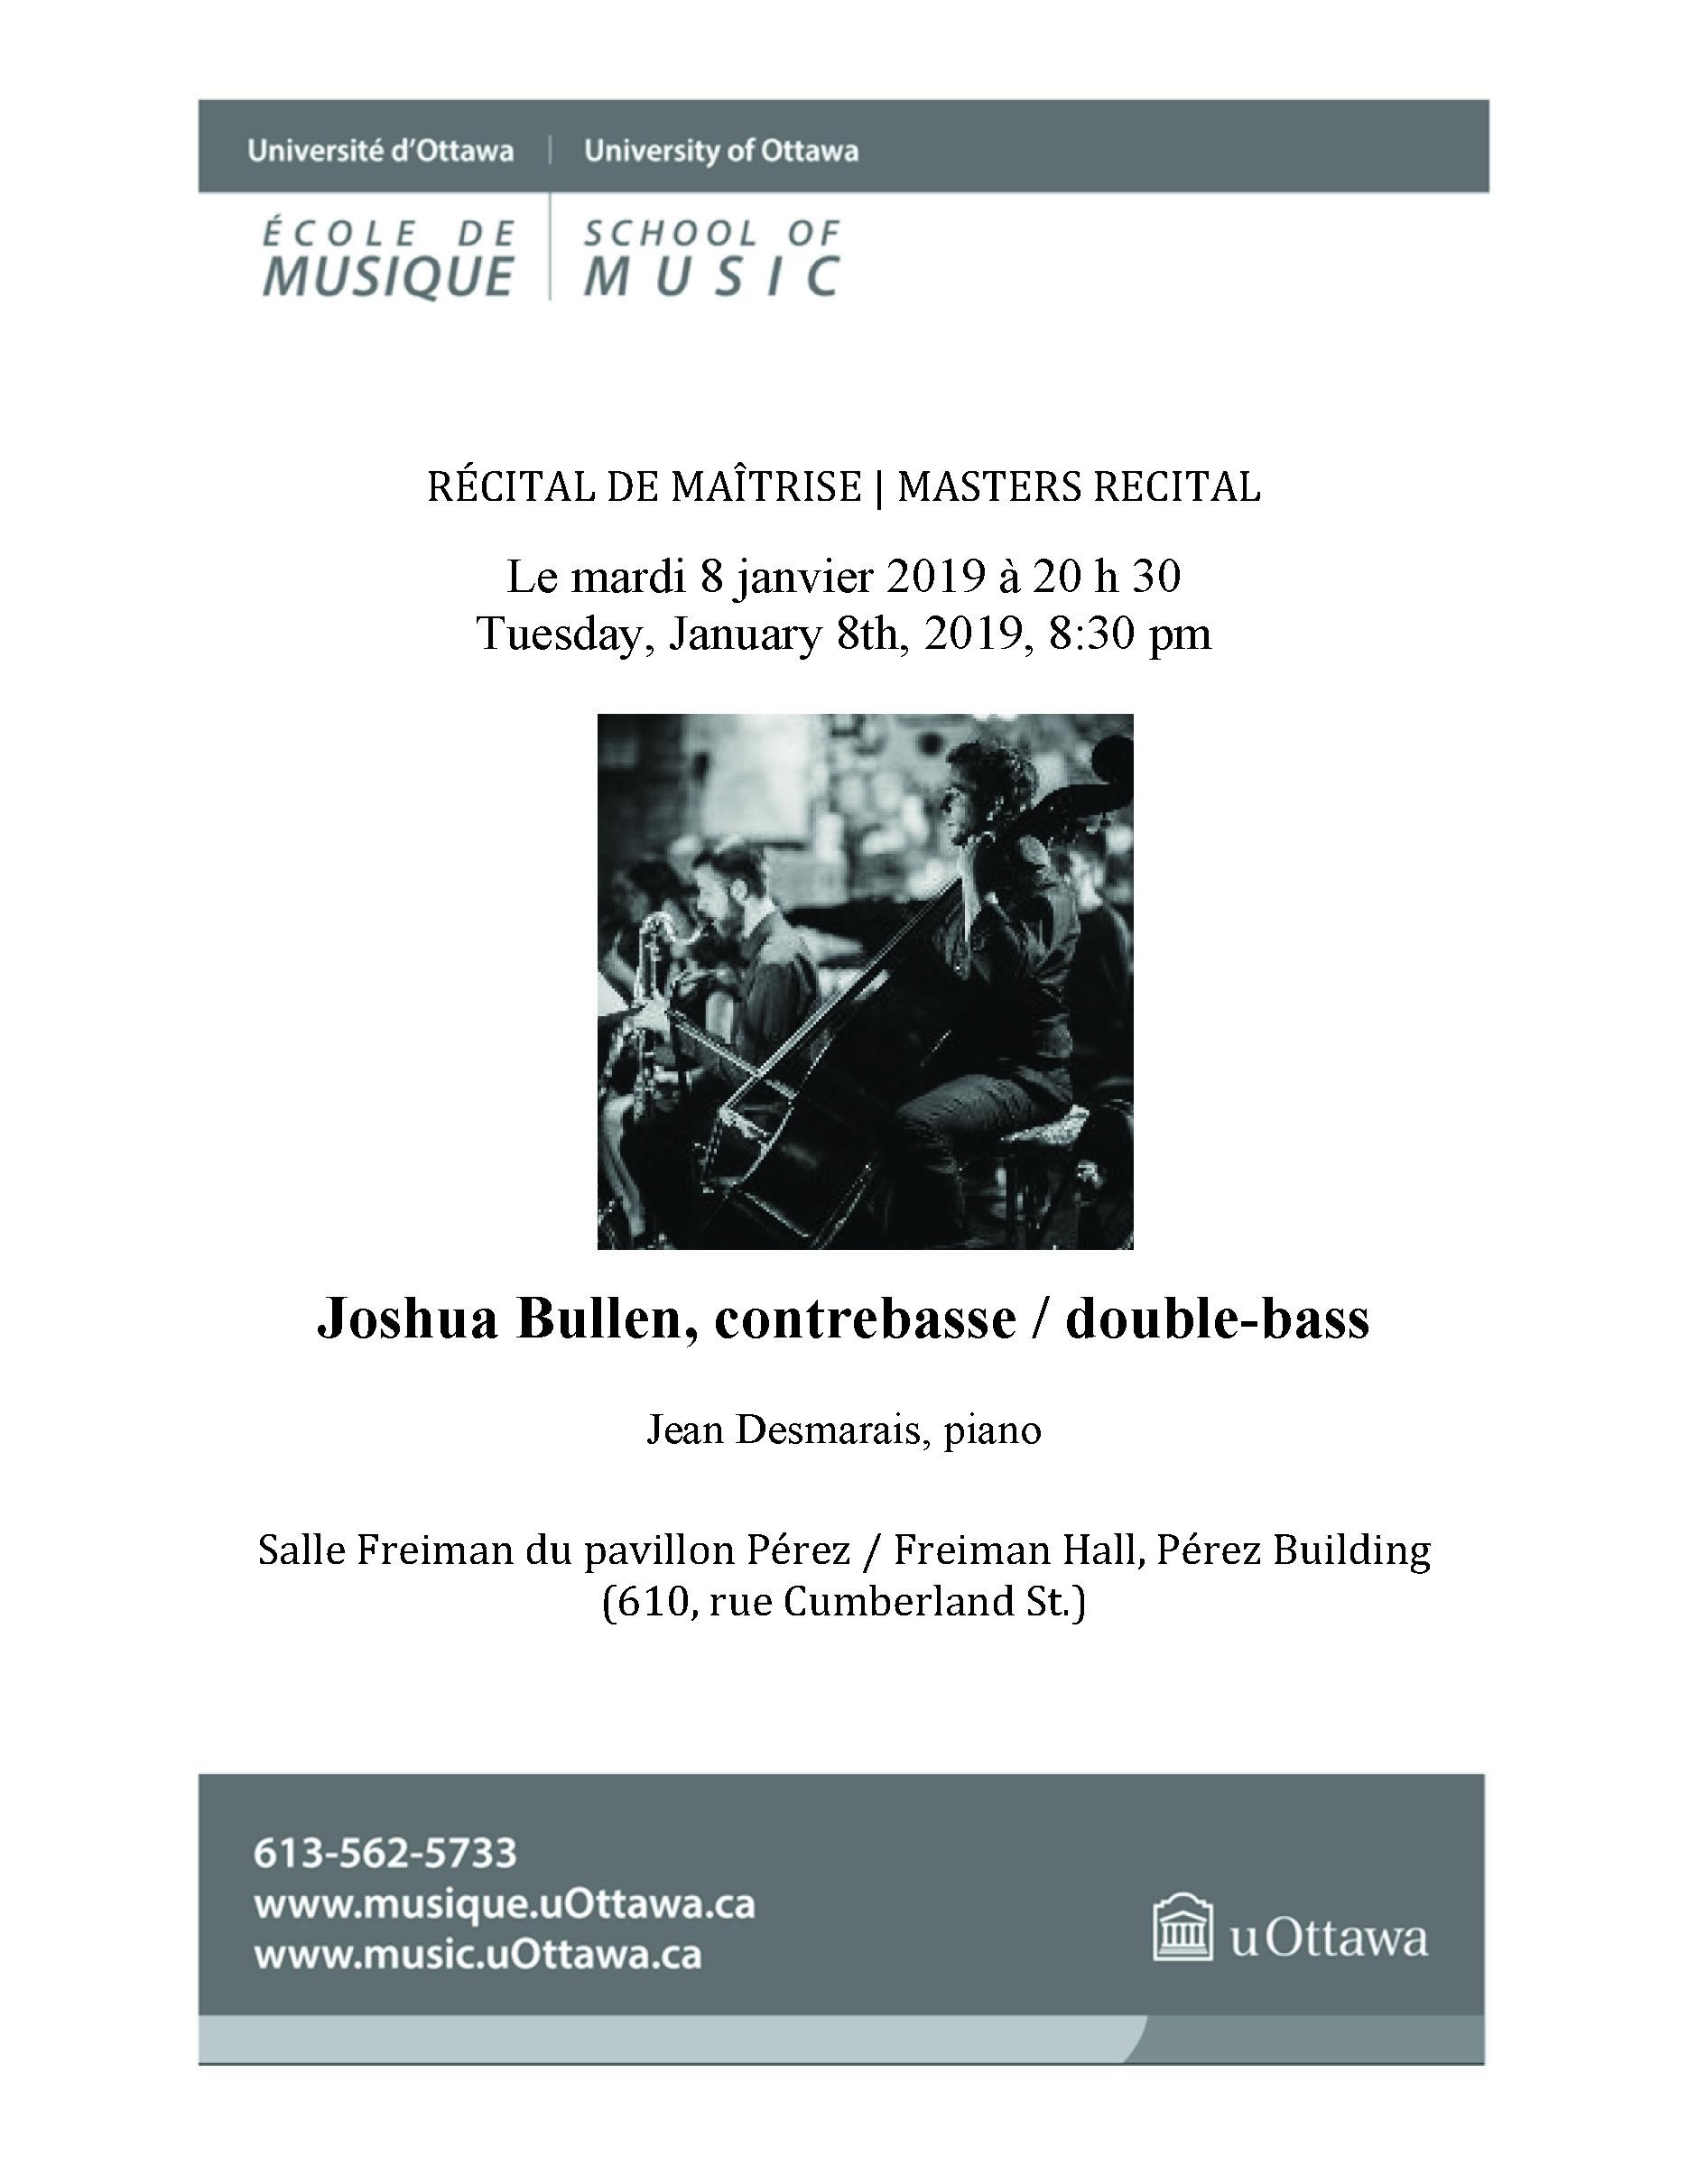 Programme de récital pour Joshua Bullen - page 1